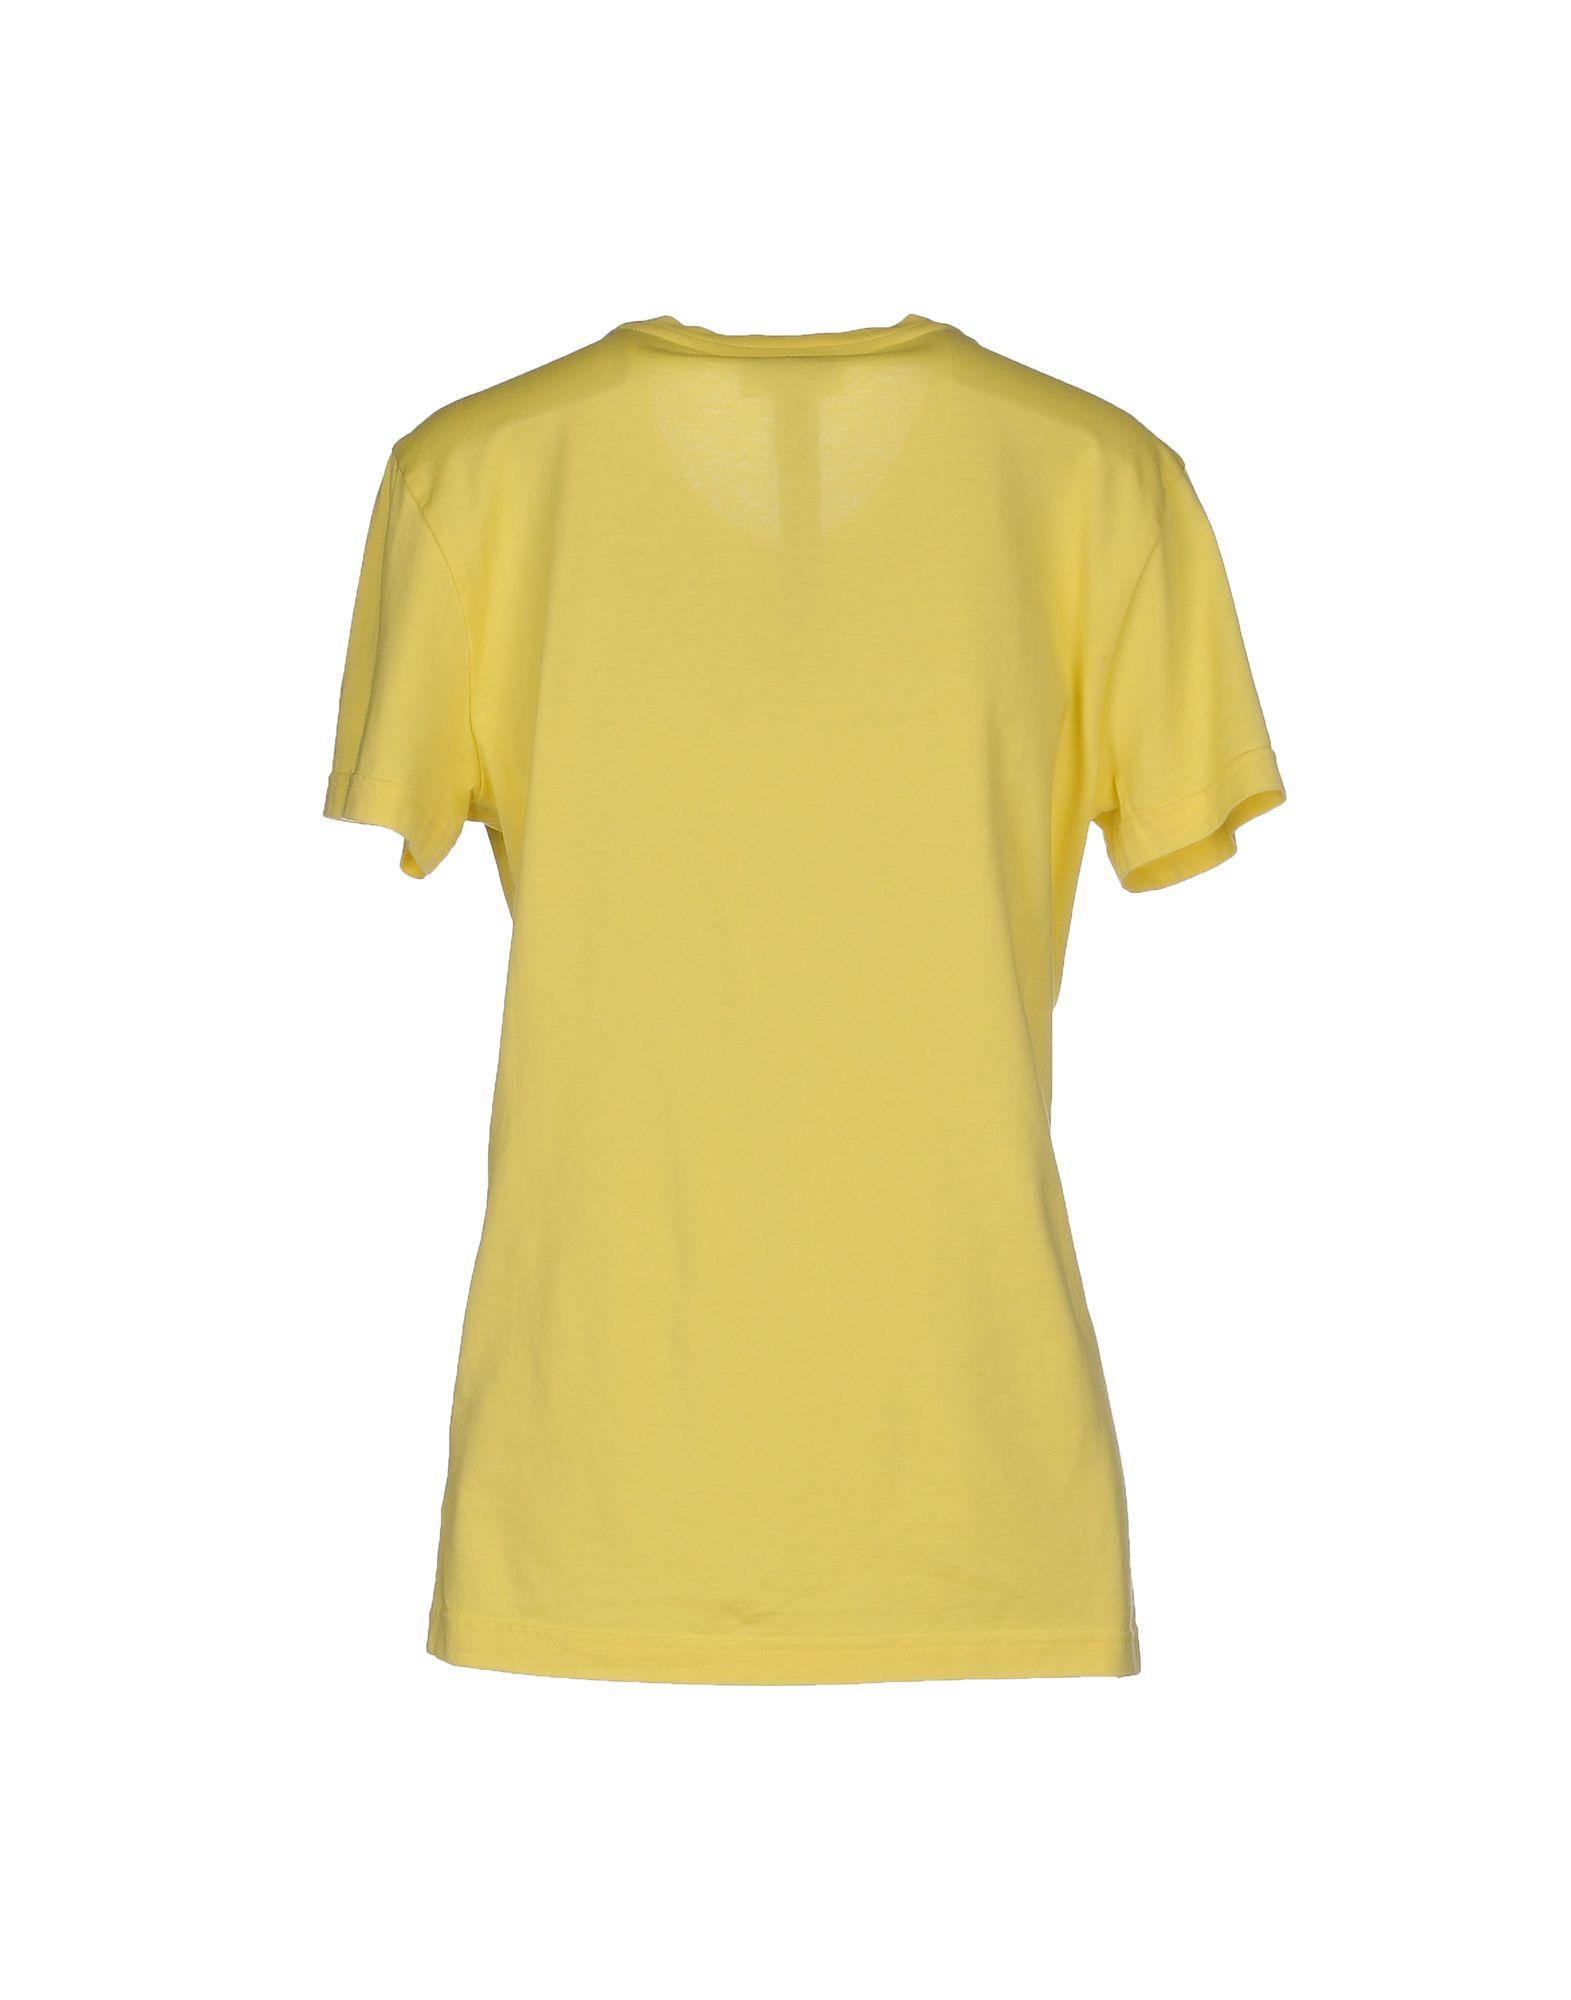 John richmond t shirt in yellow lyst for T shirt printing richmond va